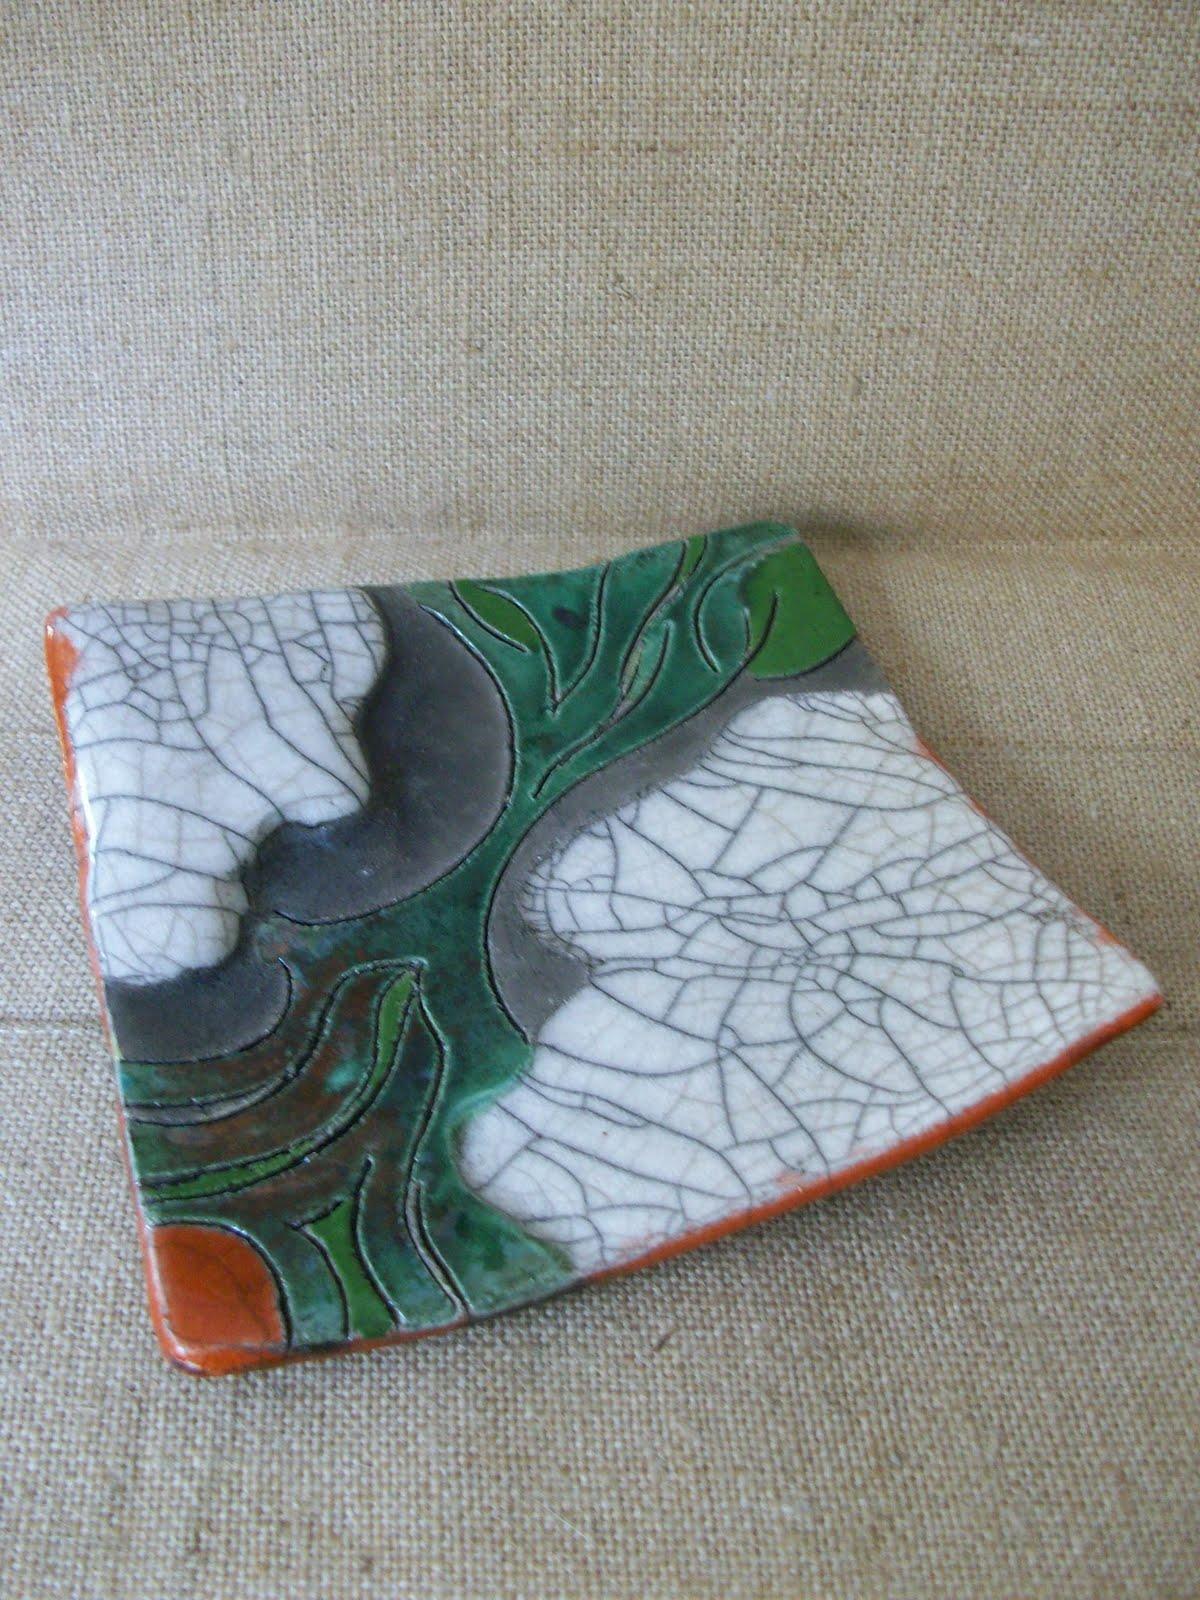 L Angolo Della Ceramica.Acquaefuoco Creazioni In Ceramica Raku L Angolo Del